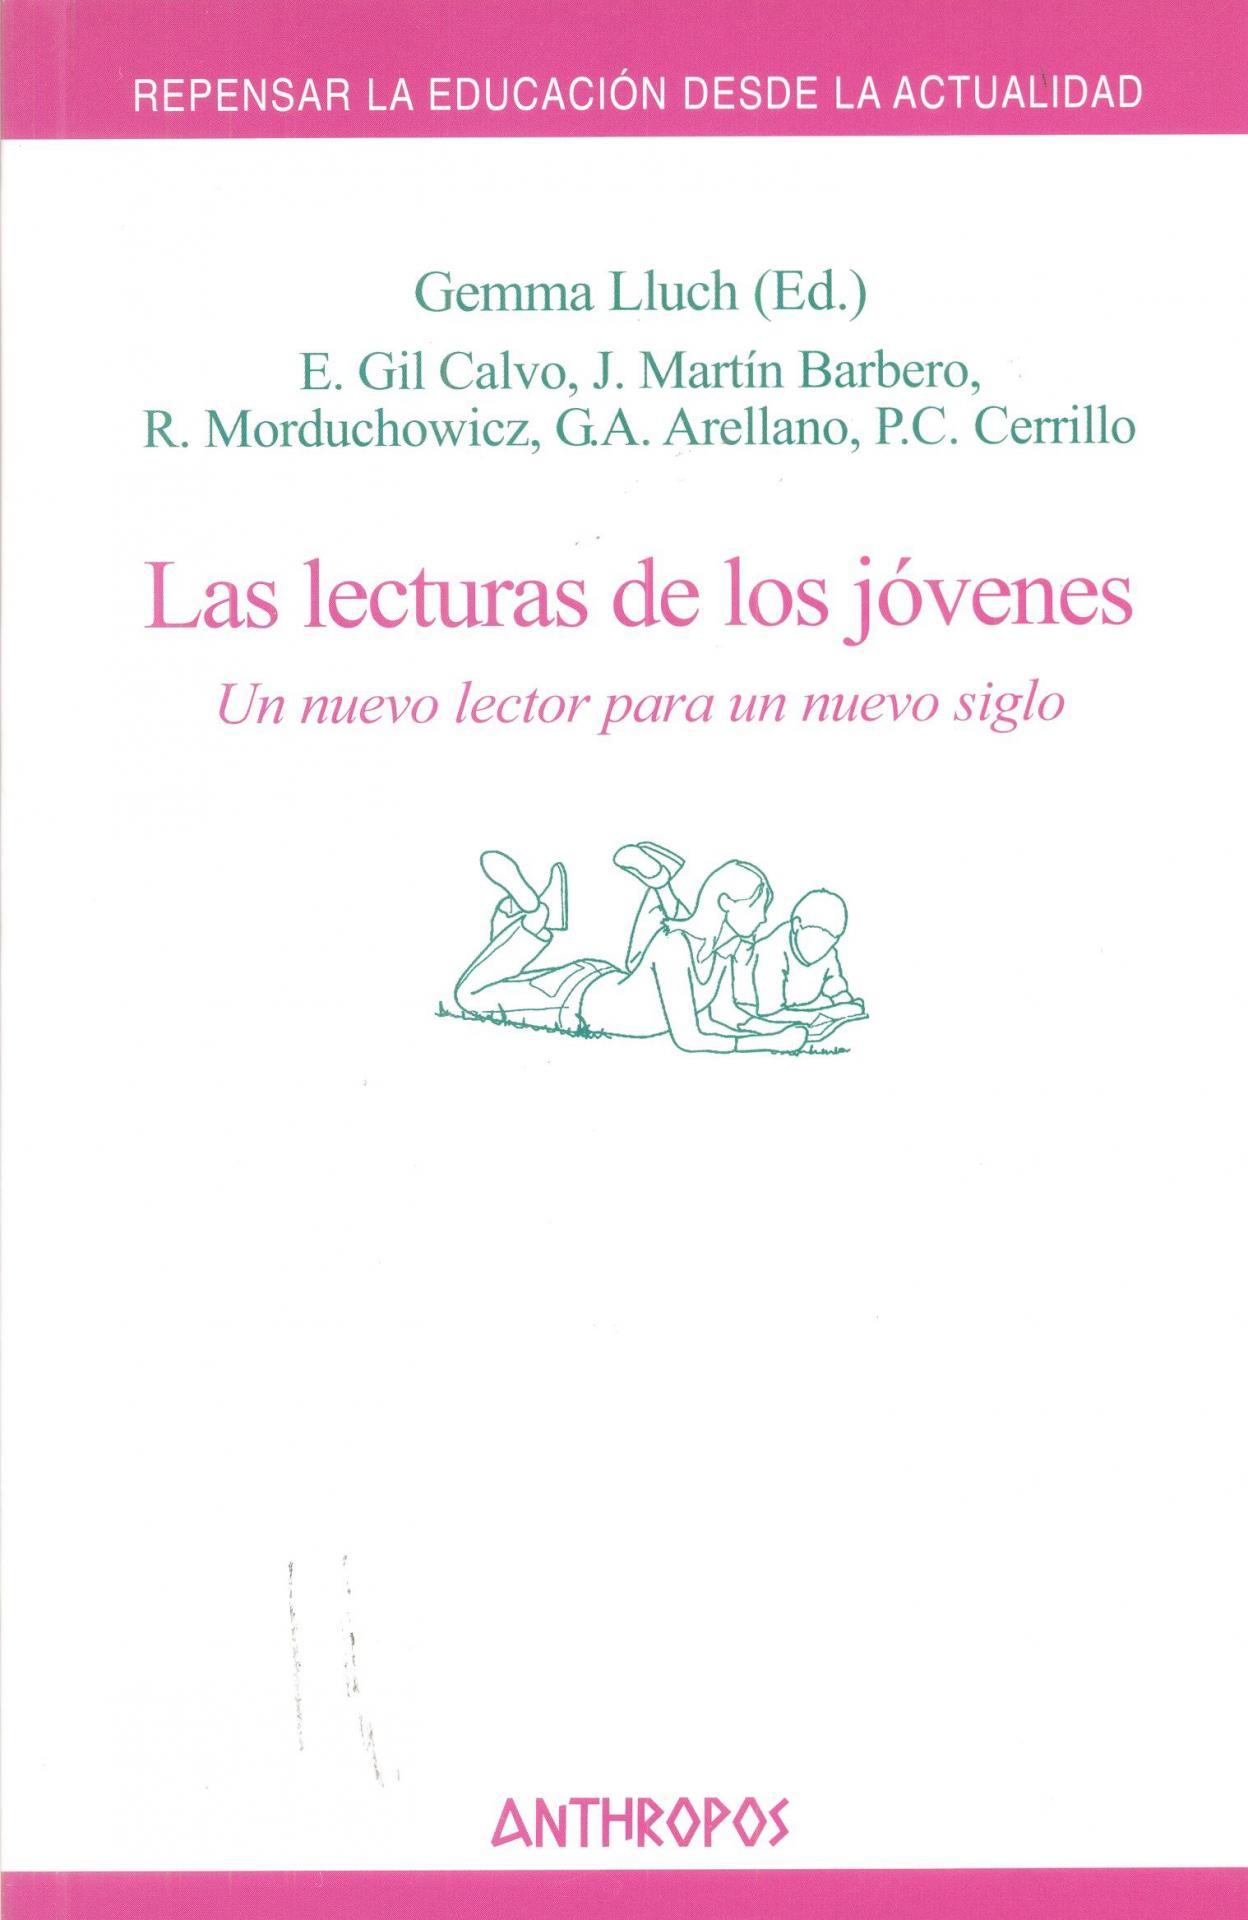 LAS LECTURAS DE LOS JÓVENES. Un nuevo lector para un nuevo siglo. Lluch, G.